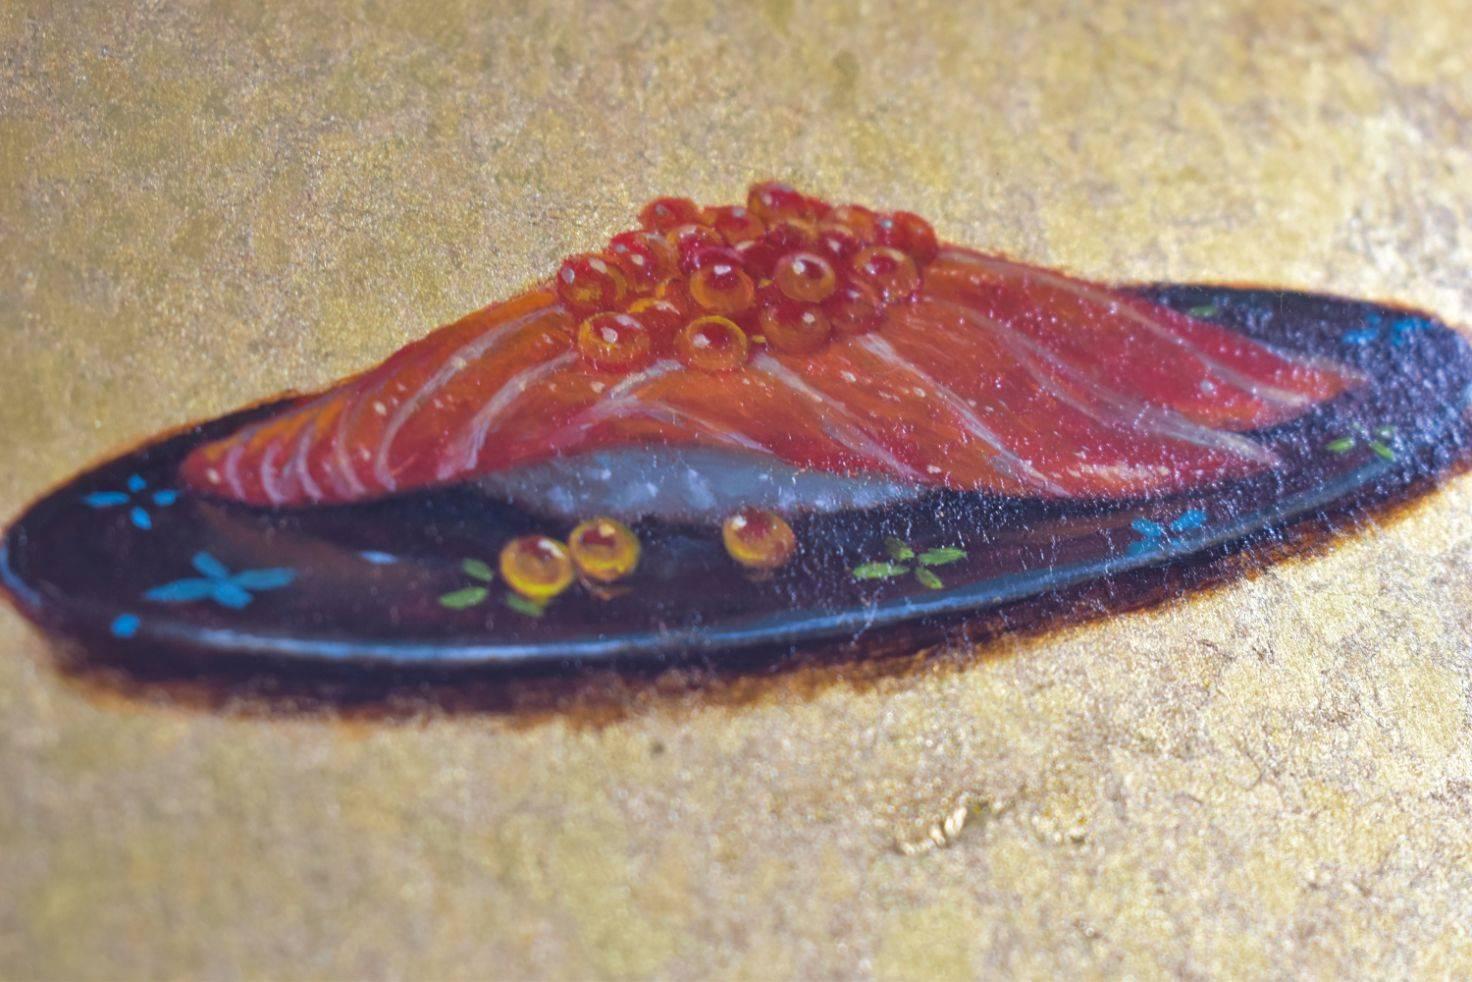 サーモンいくら Salmon and roe